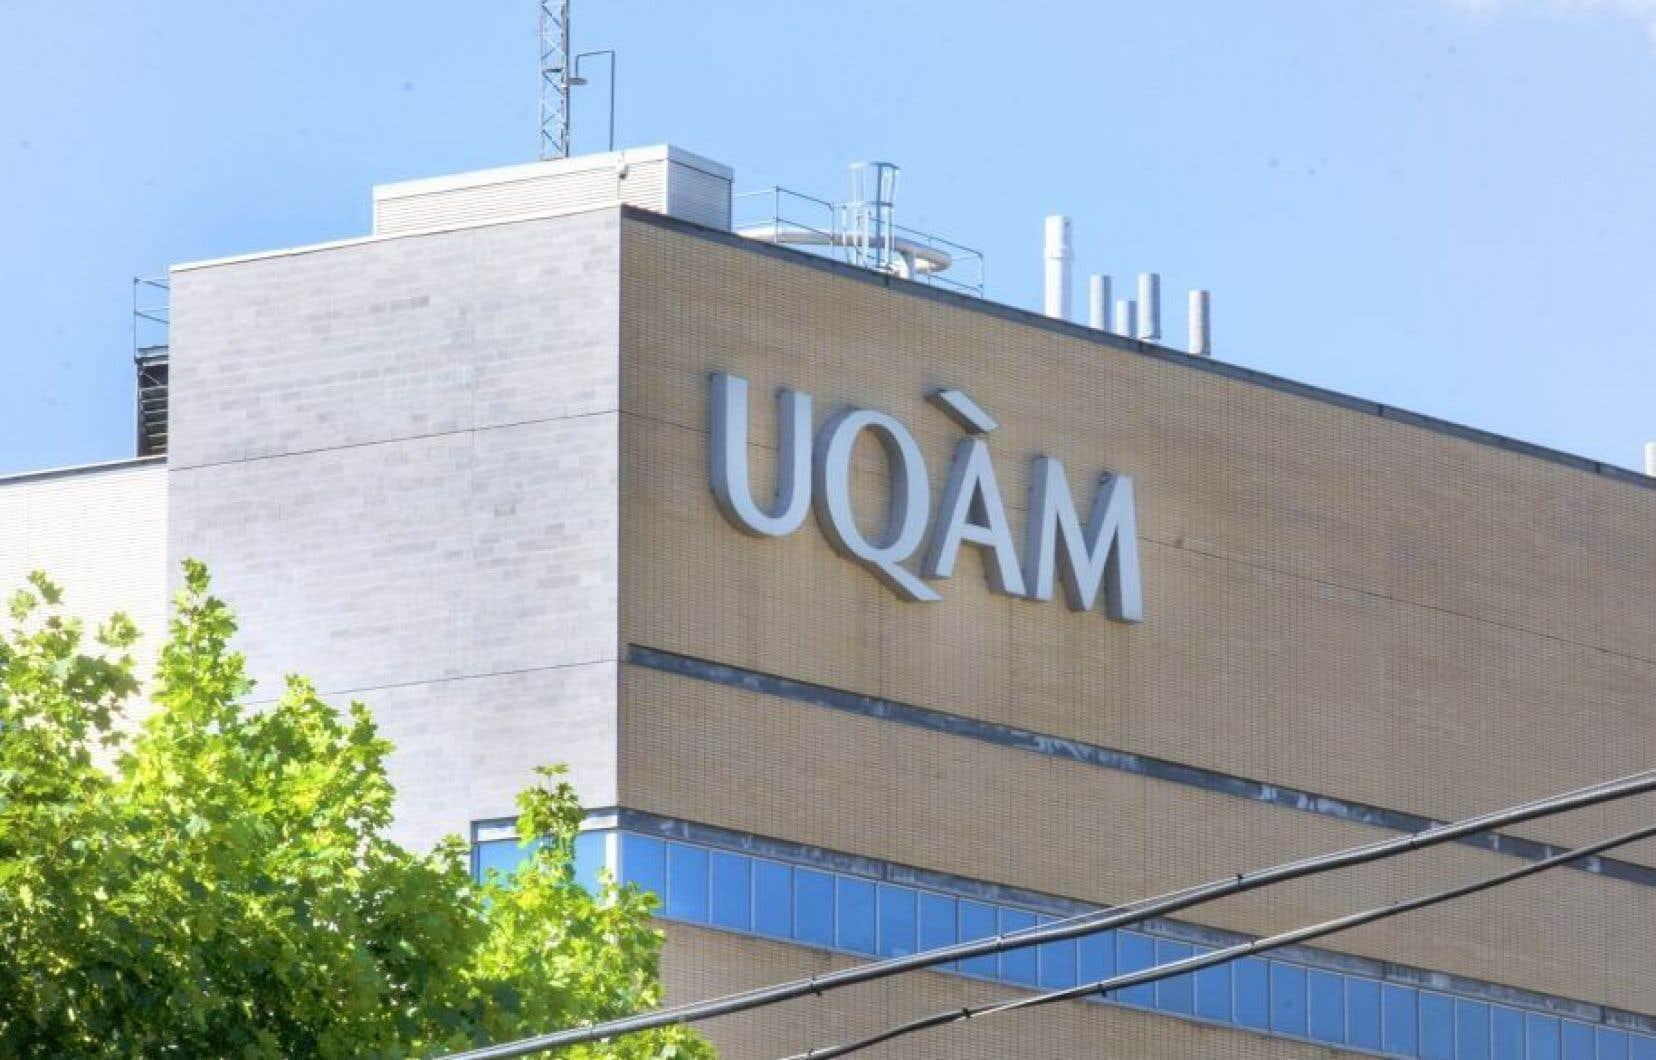 En janvier 2016, la compagnie avait obtenu une ordonnance de cour sommant la chercheuse de l'Université du Québec à Montréal (UQAM) à lui fournir ses données.